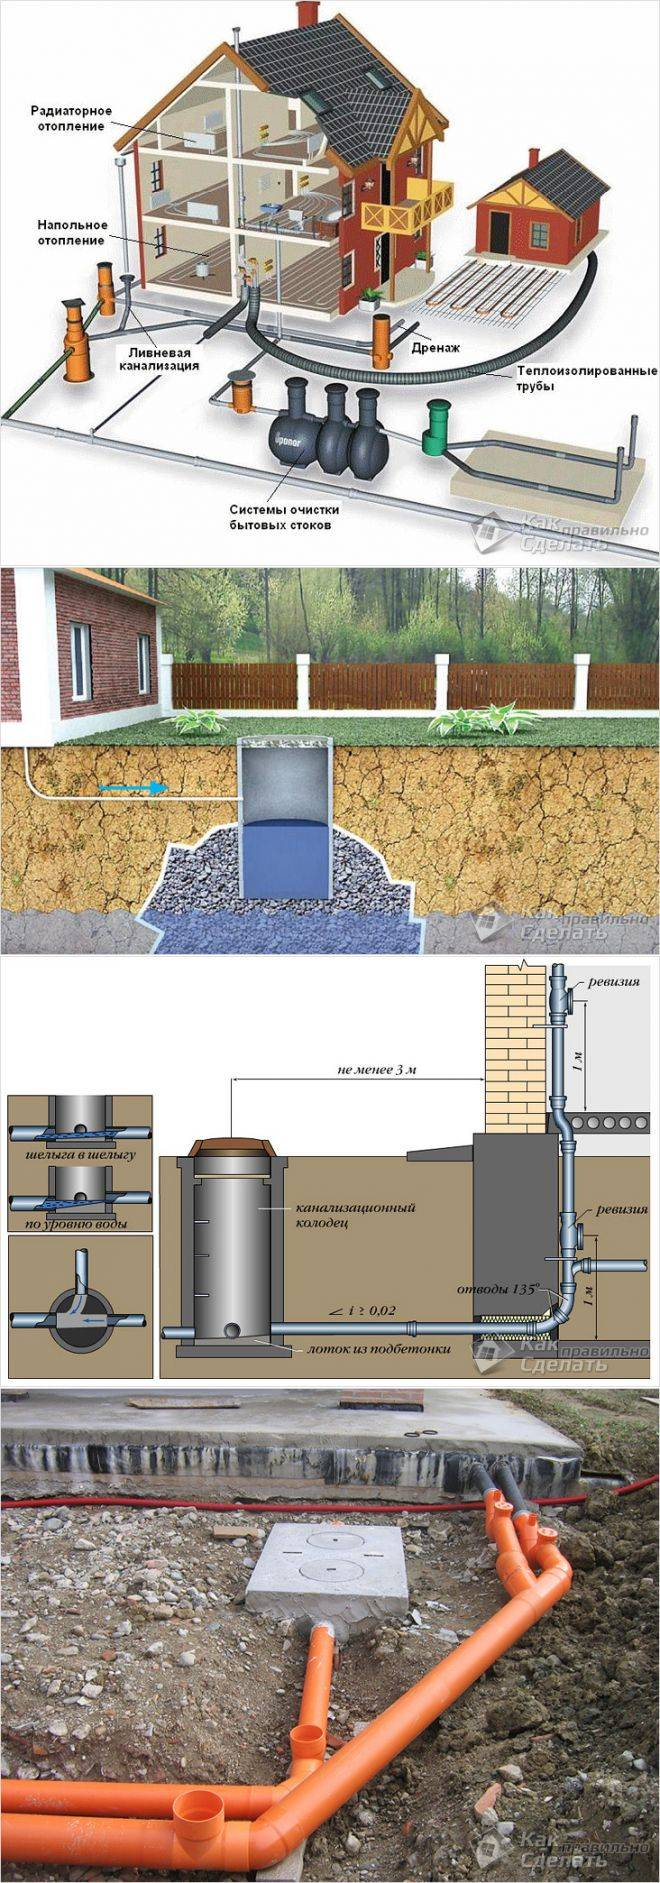 Разводка канализации в частном доме: схемы, проектирование + этапы проведения работ